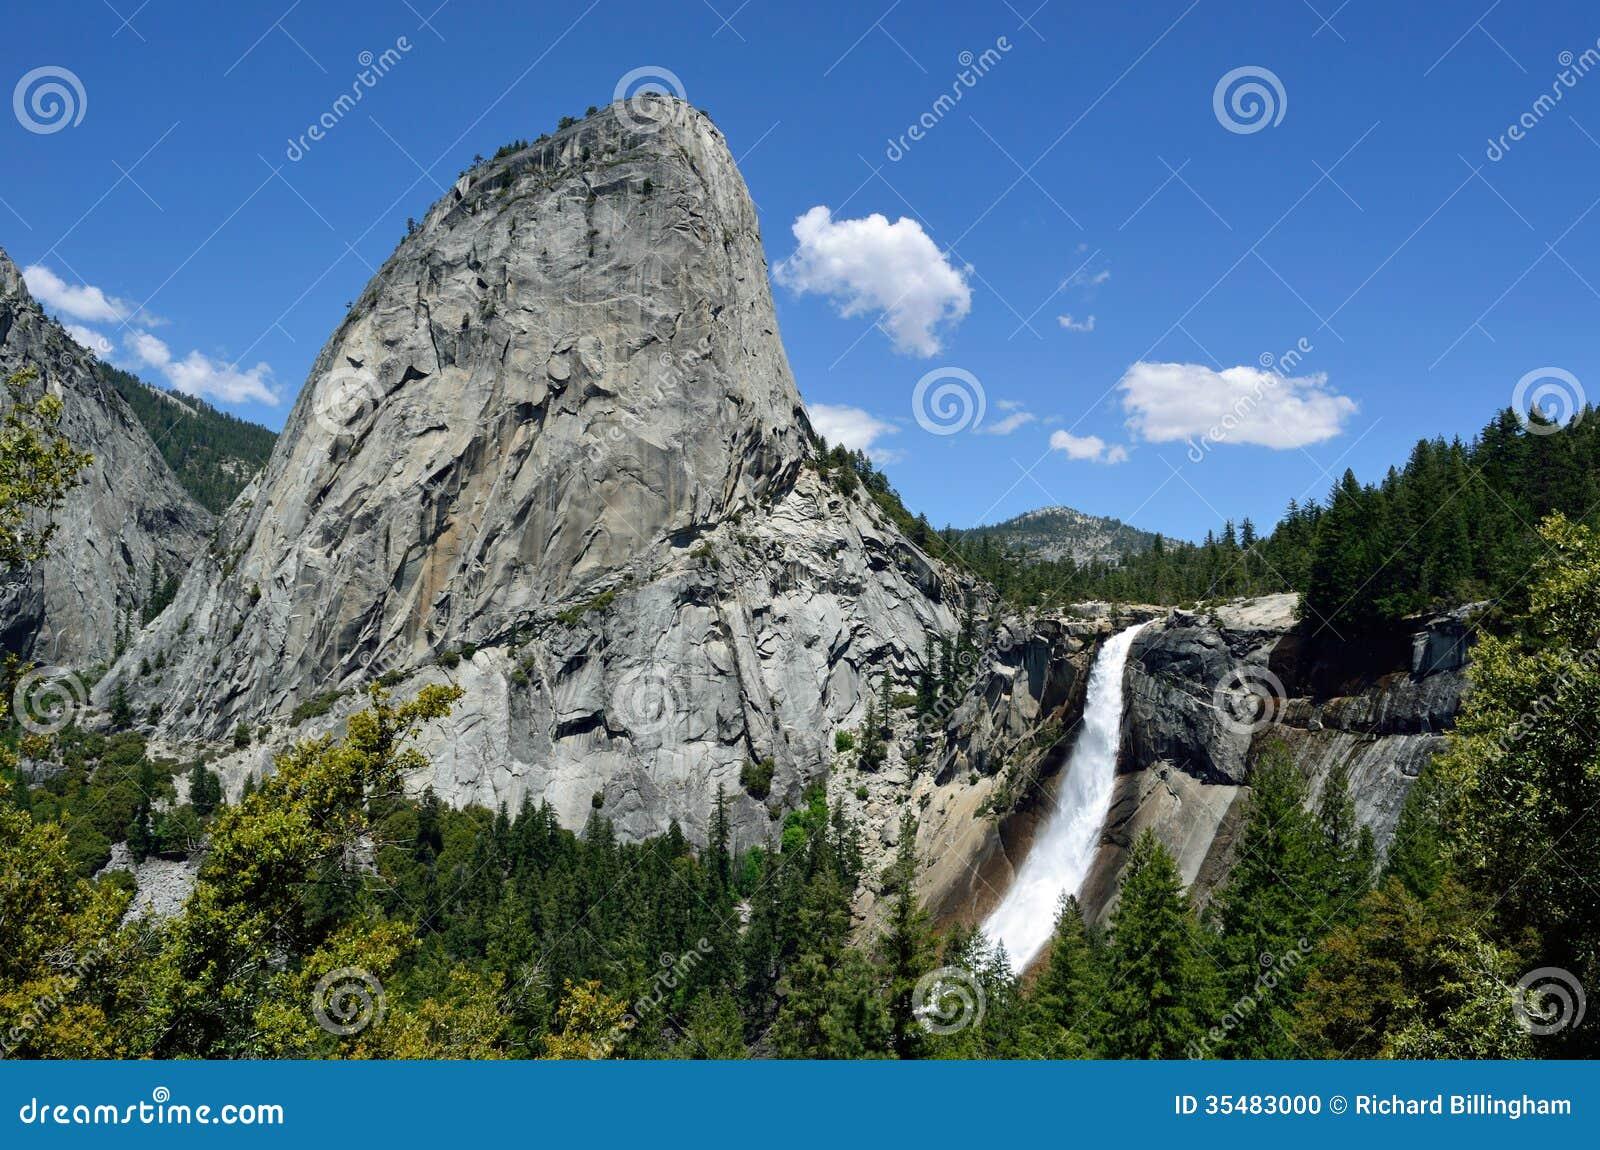 Liberty Cap & Nevada Fall, Yosemite, Californië